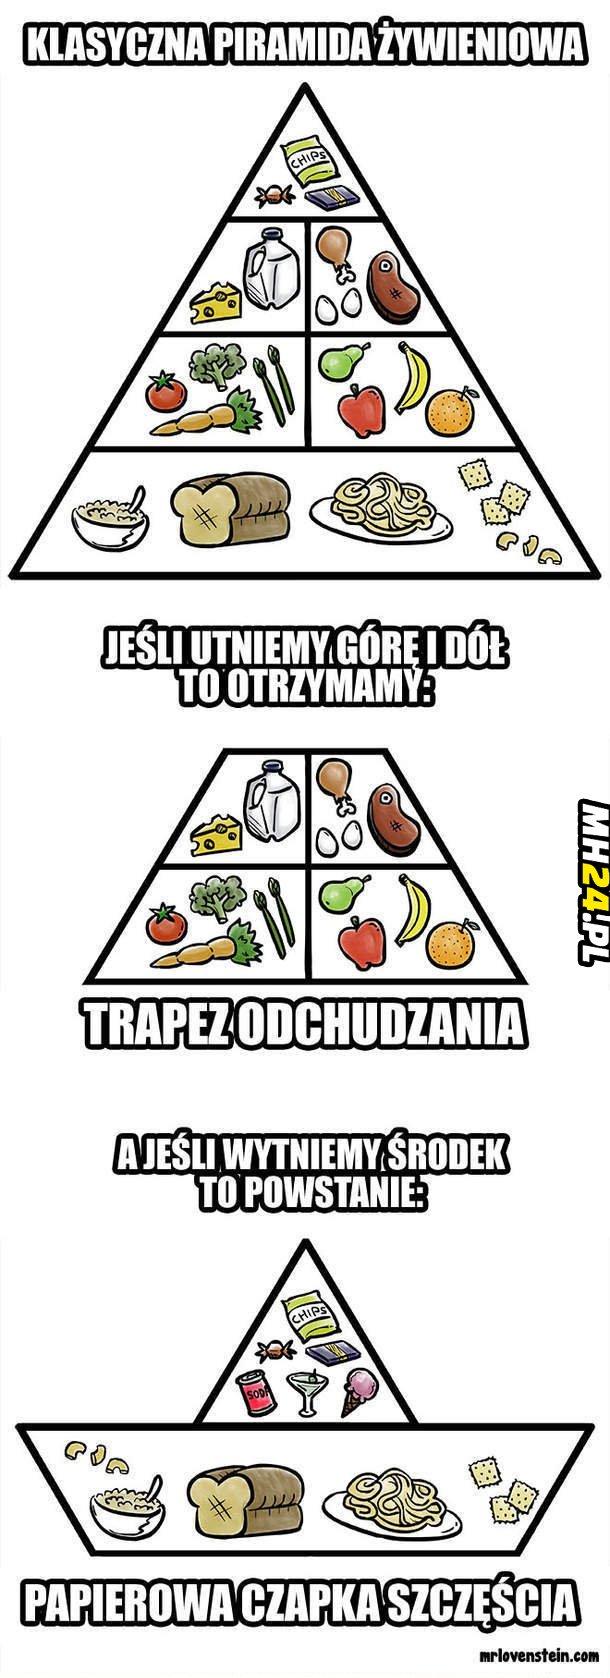 Piramida żywieniowa Obrazki